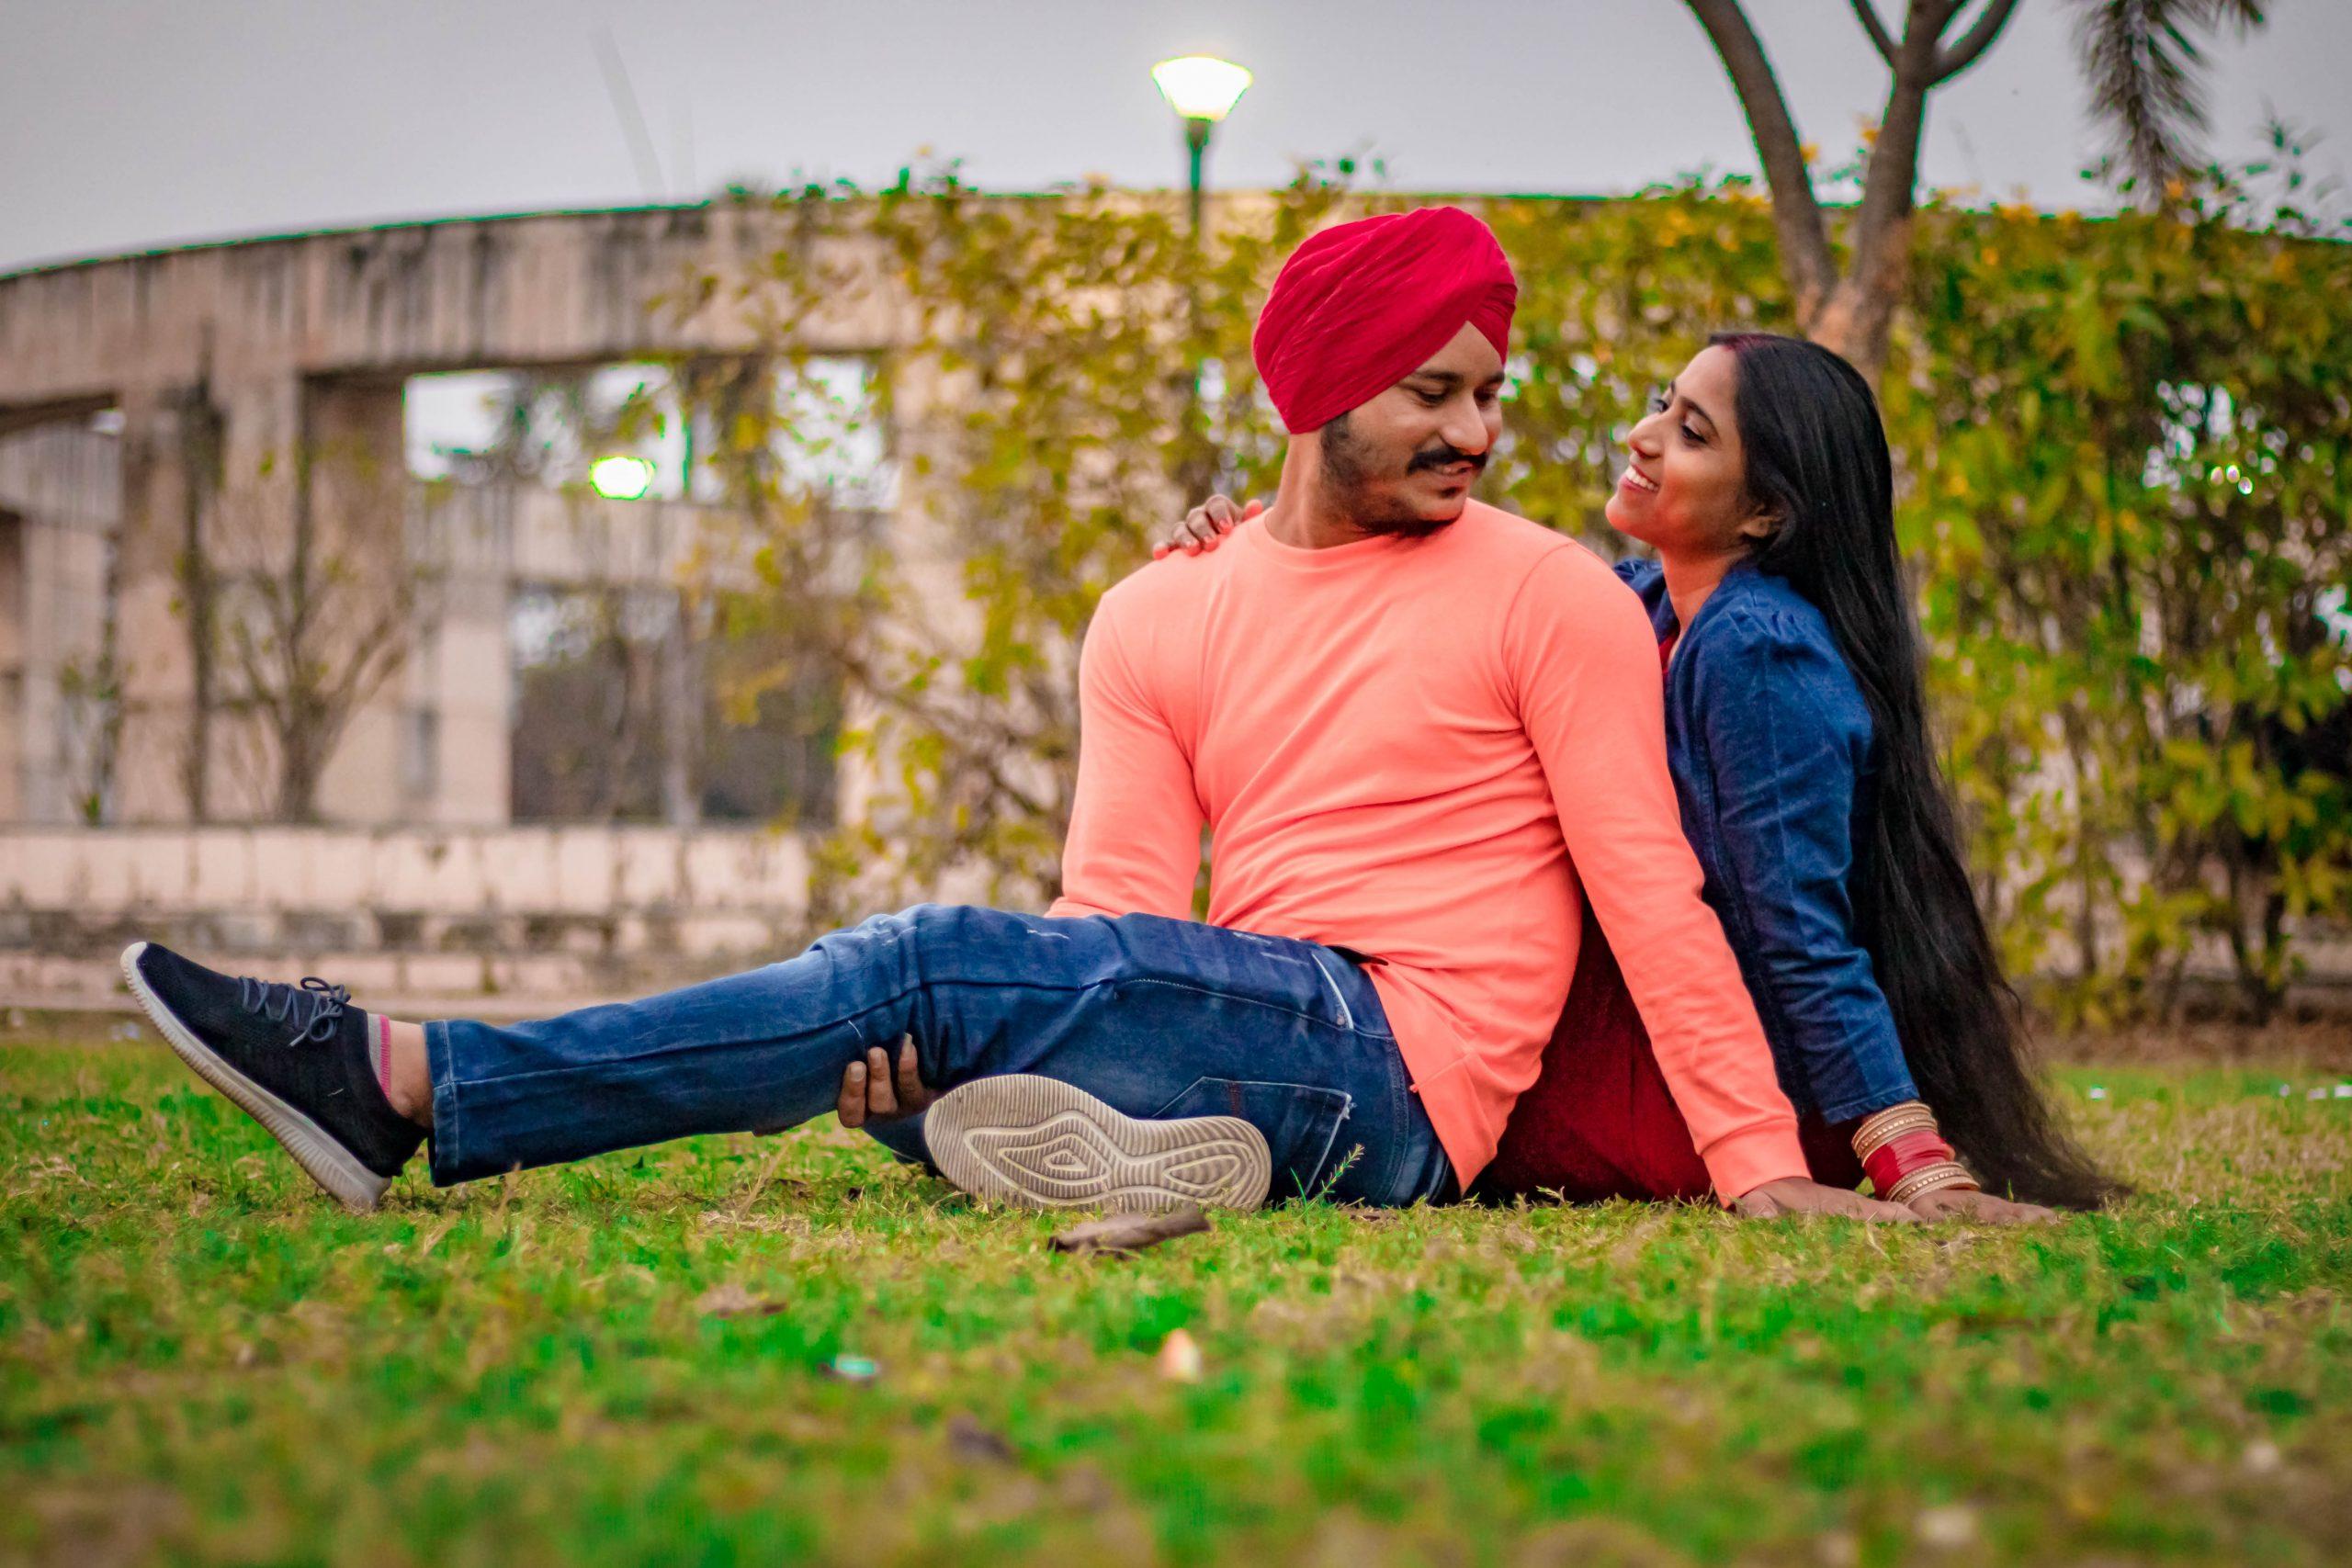 A couple in a garden